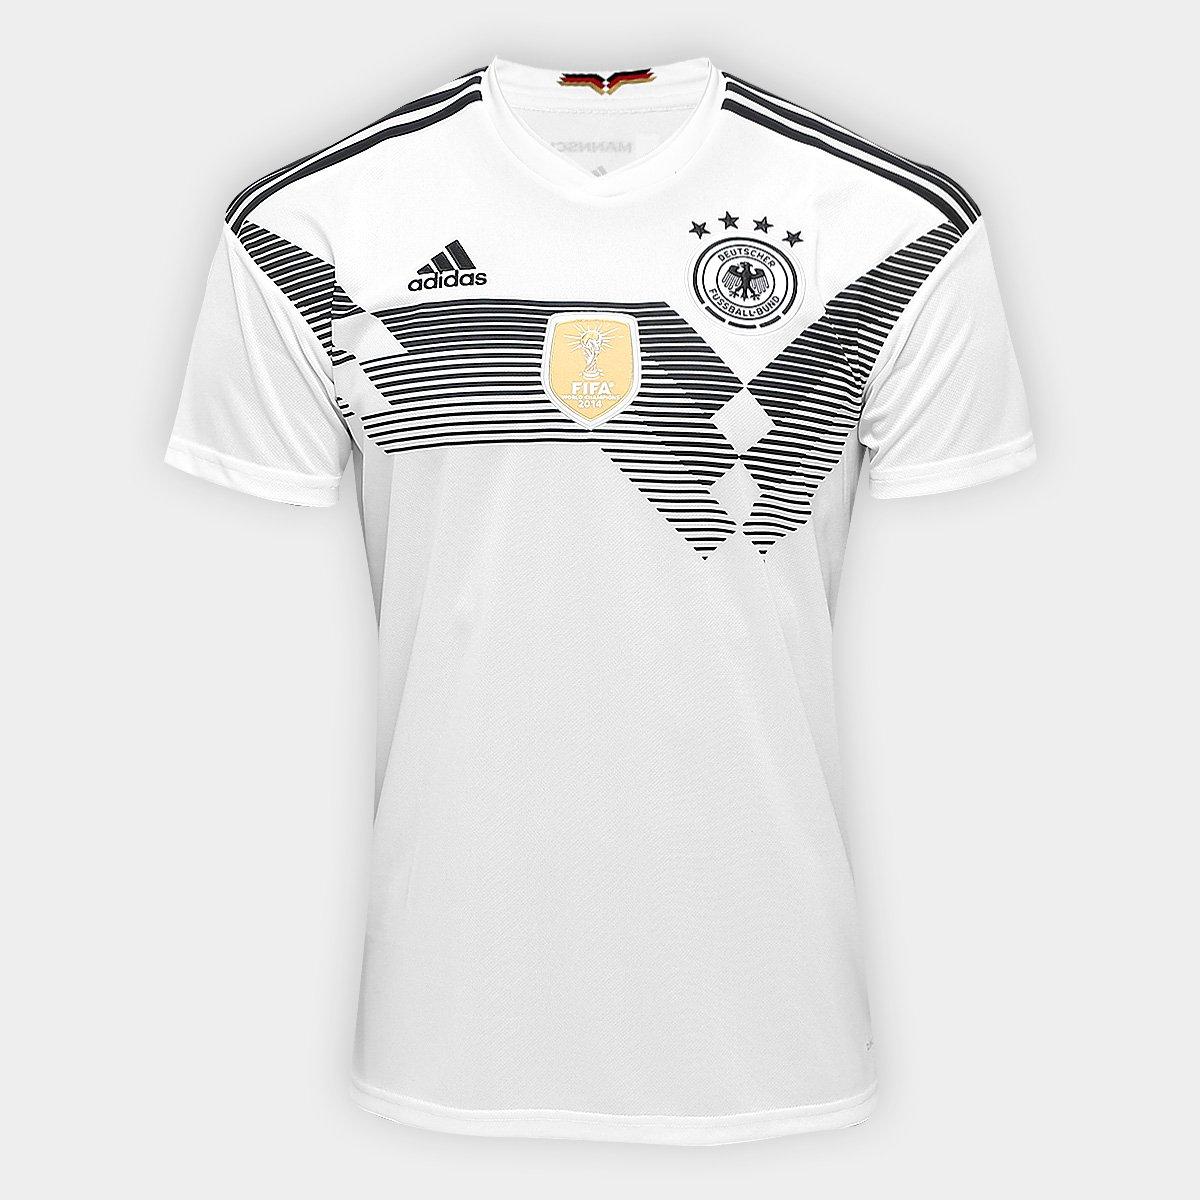 ... Camisa Seleção Alemanha Home 2018 n° 5 Hummels - Torcedor Adidas  Masculina ... 9a2c0cce63e37